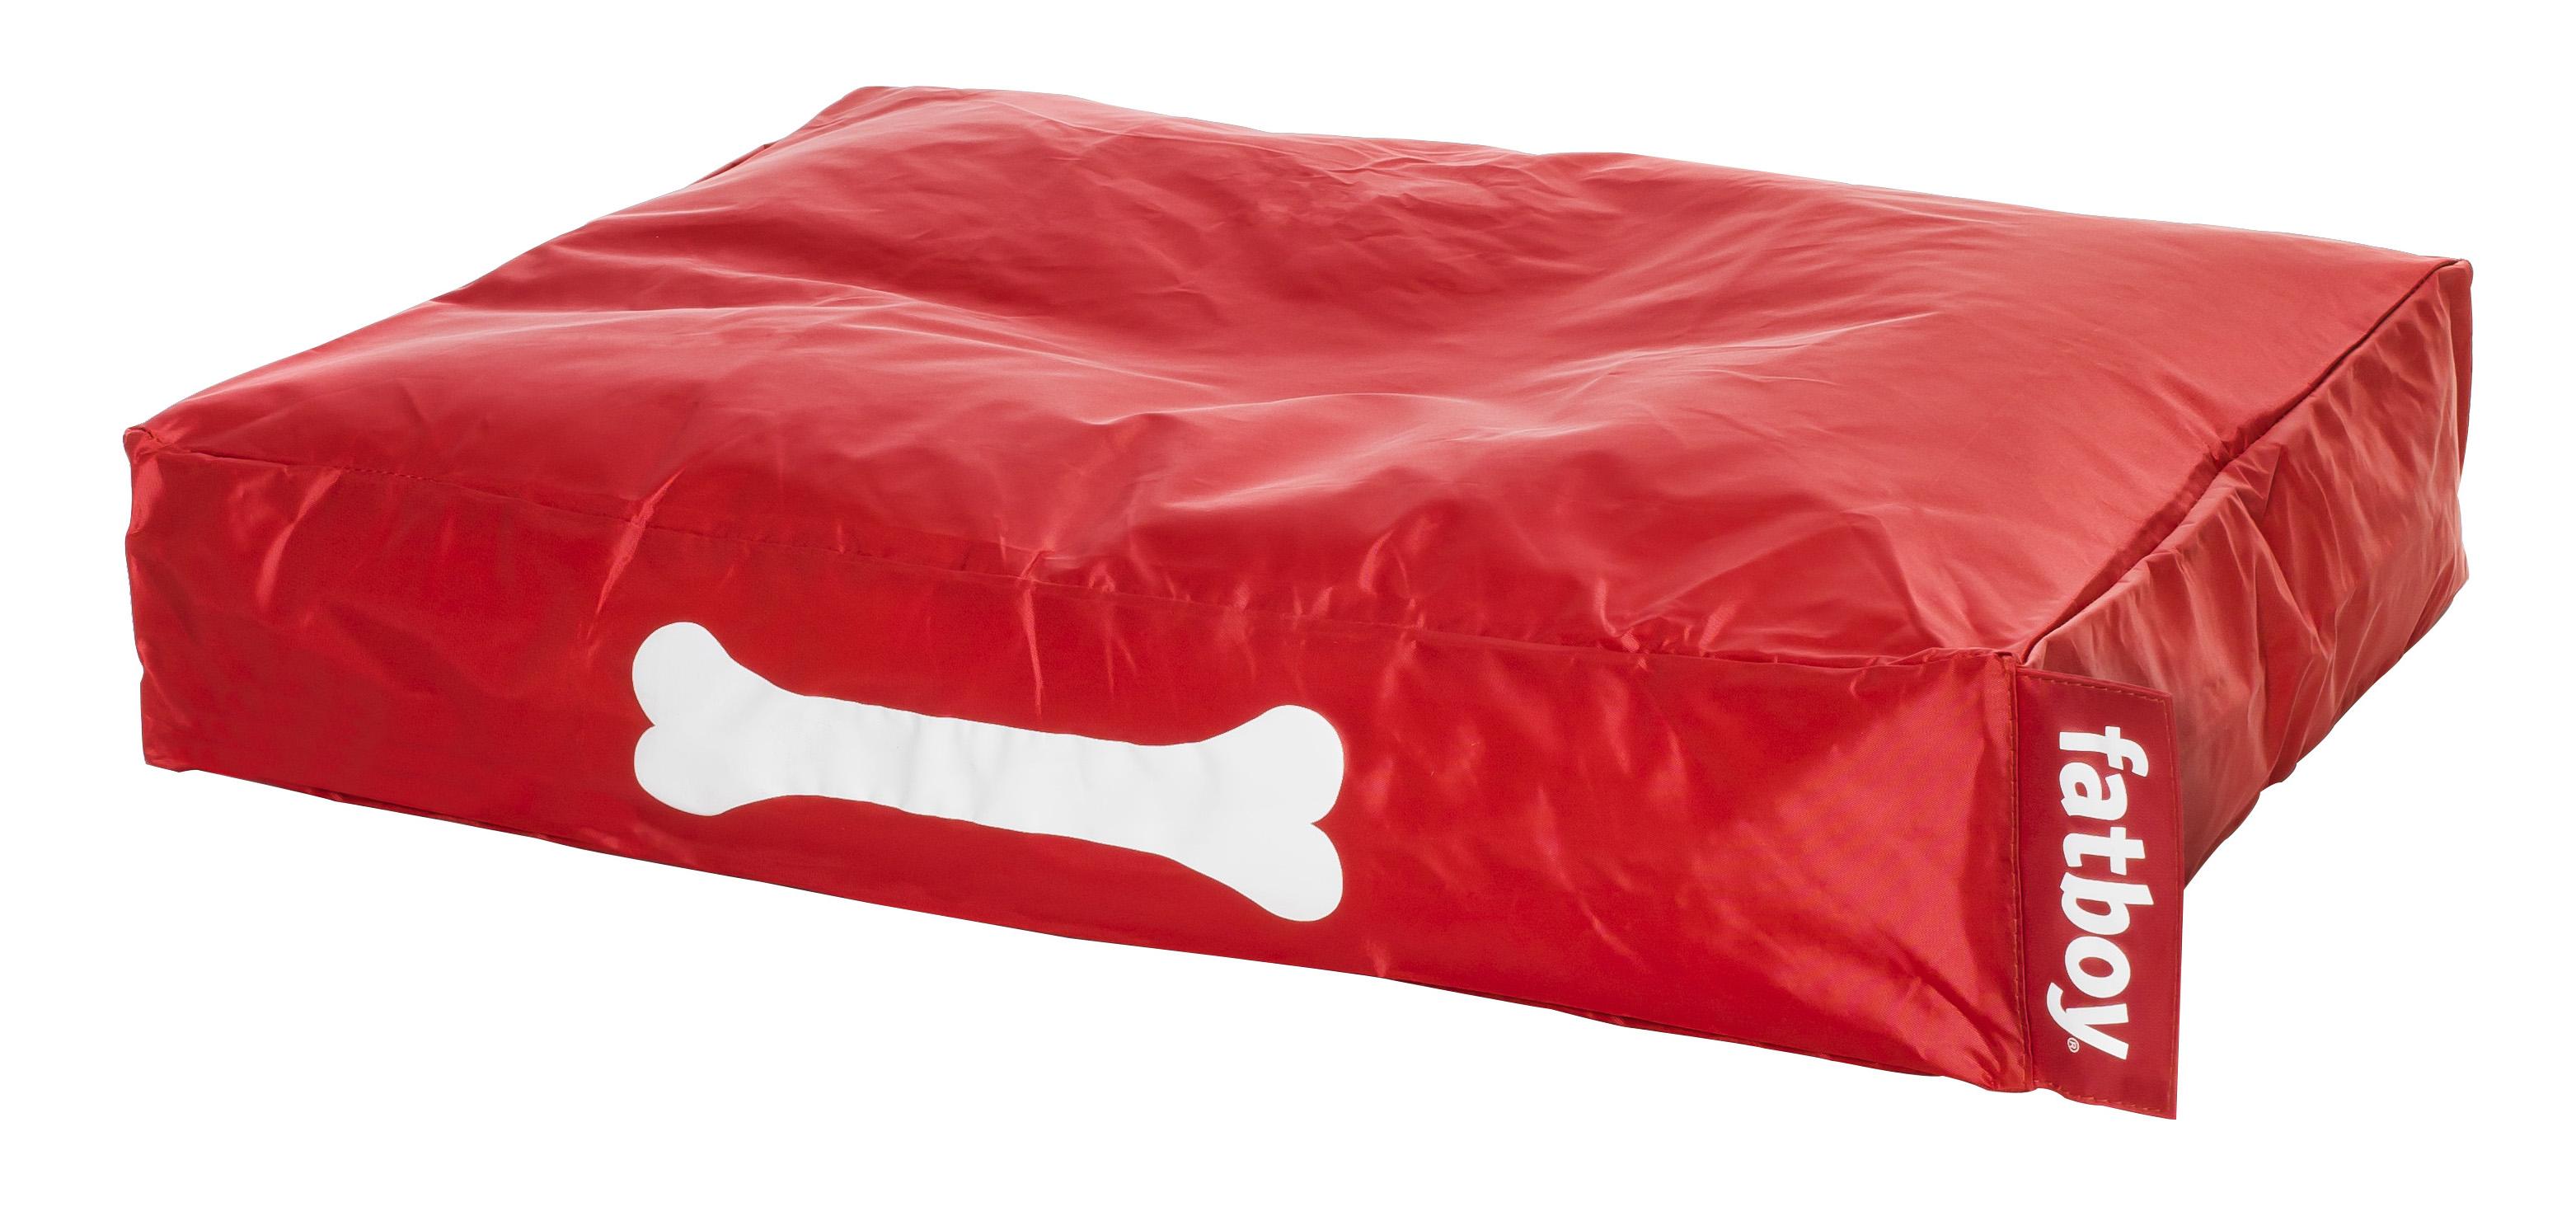 fatboy hundekorb kissen doggielounge small rot pigmento kunst design. Black Bedroom Furniture Sets. Home Design Ideas